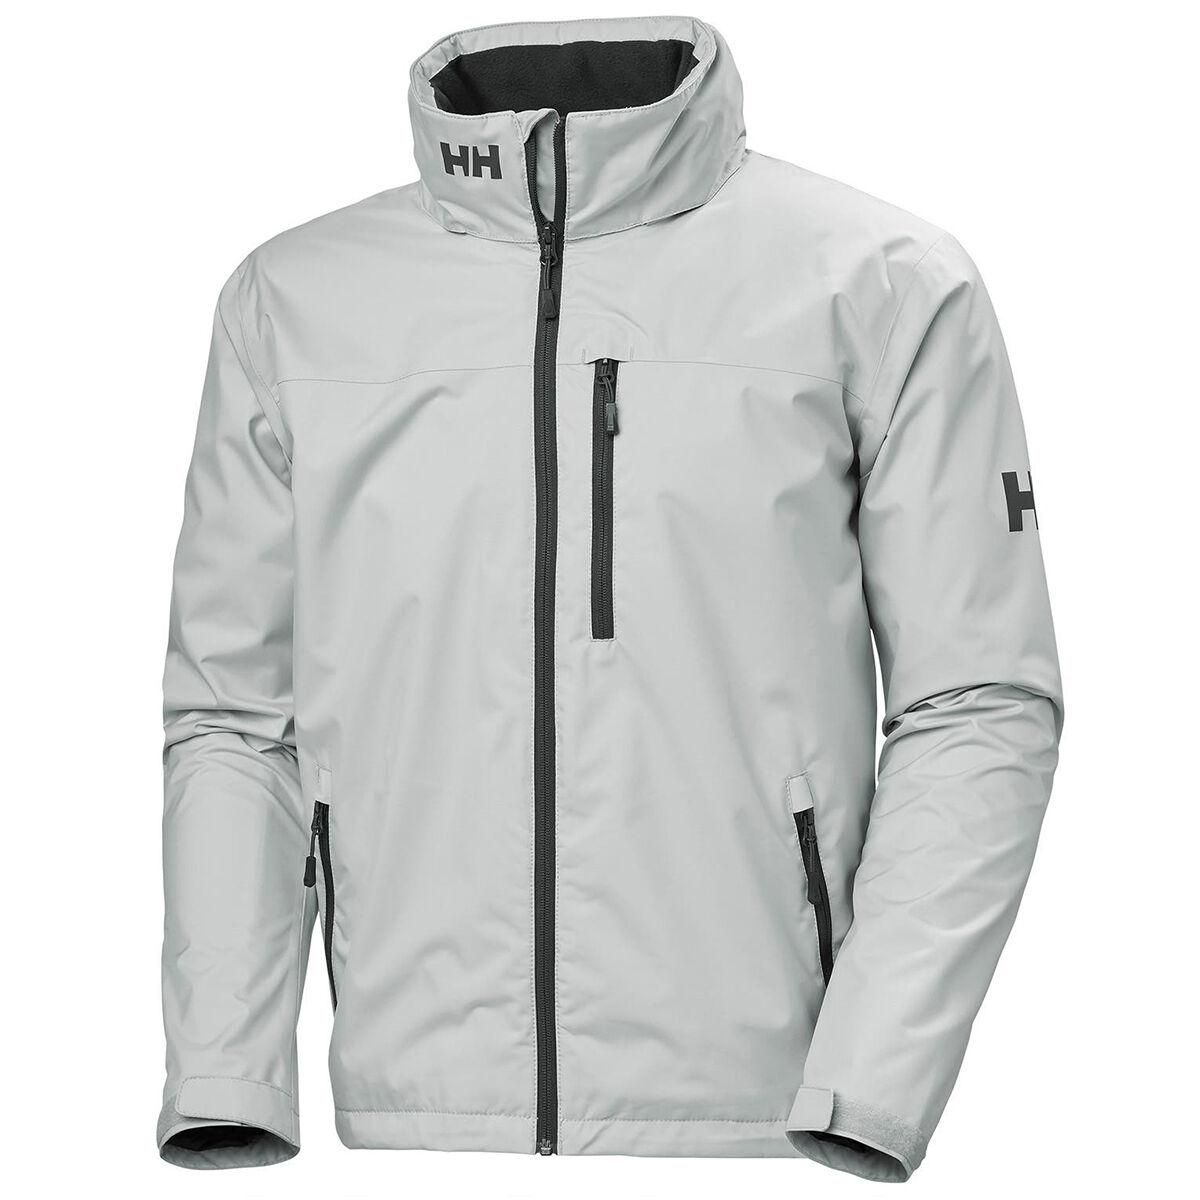 Helly Hansen Men's Crew Hooded Jacket